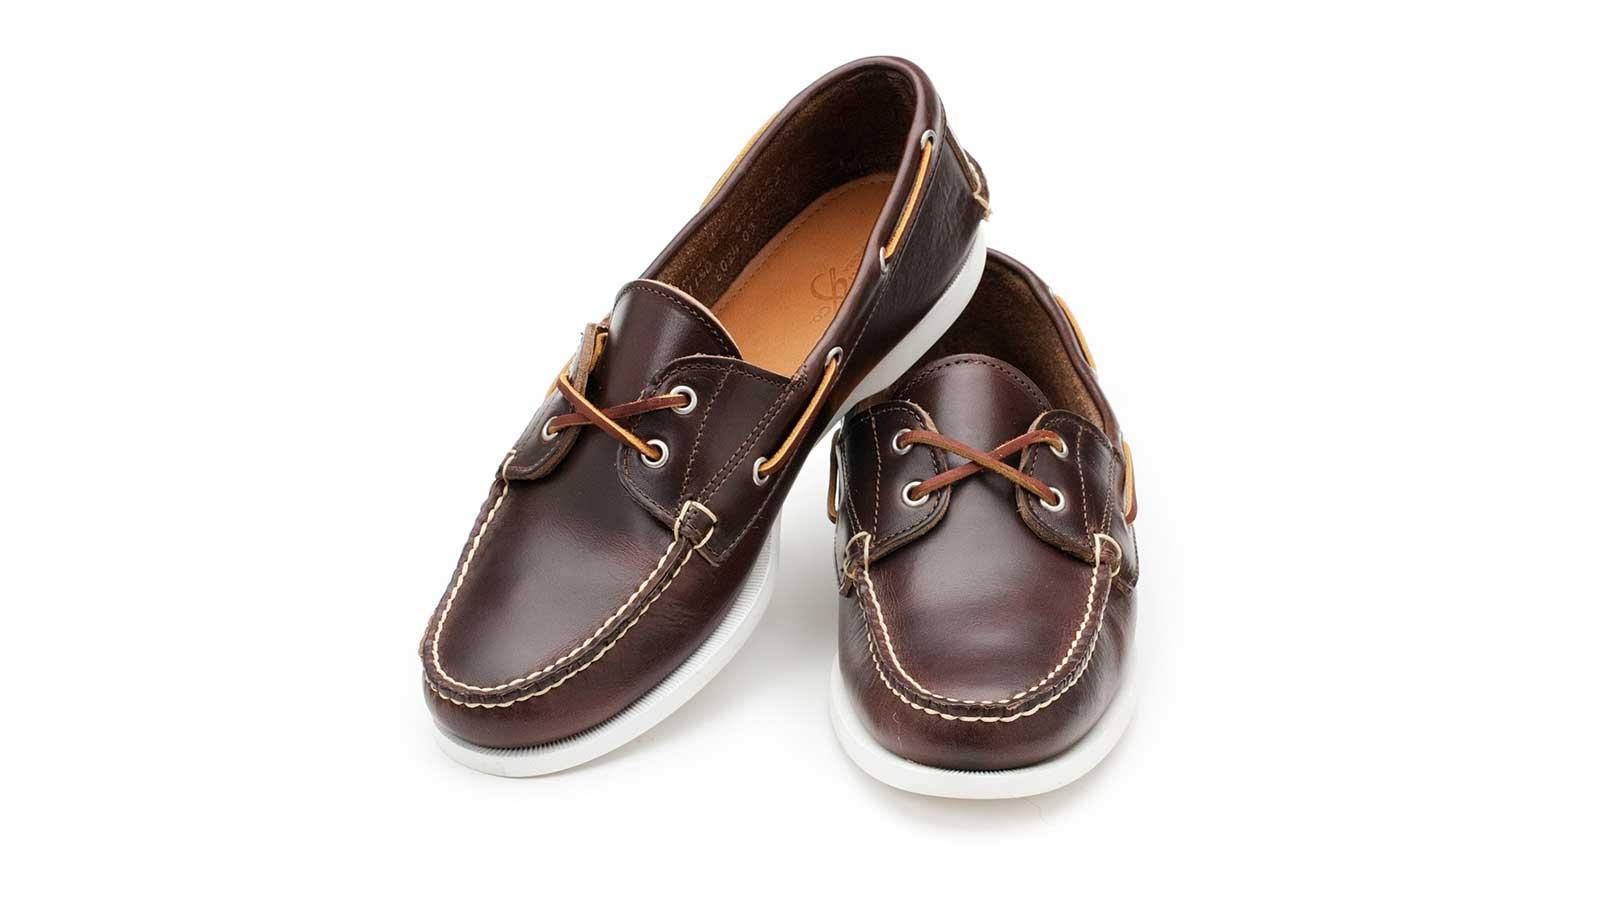 Rancourt & Company Men's Read Boat Shoe   best mens boat shoes